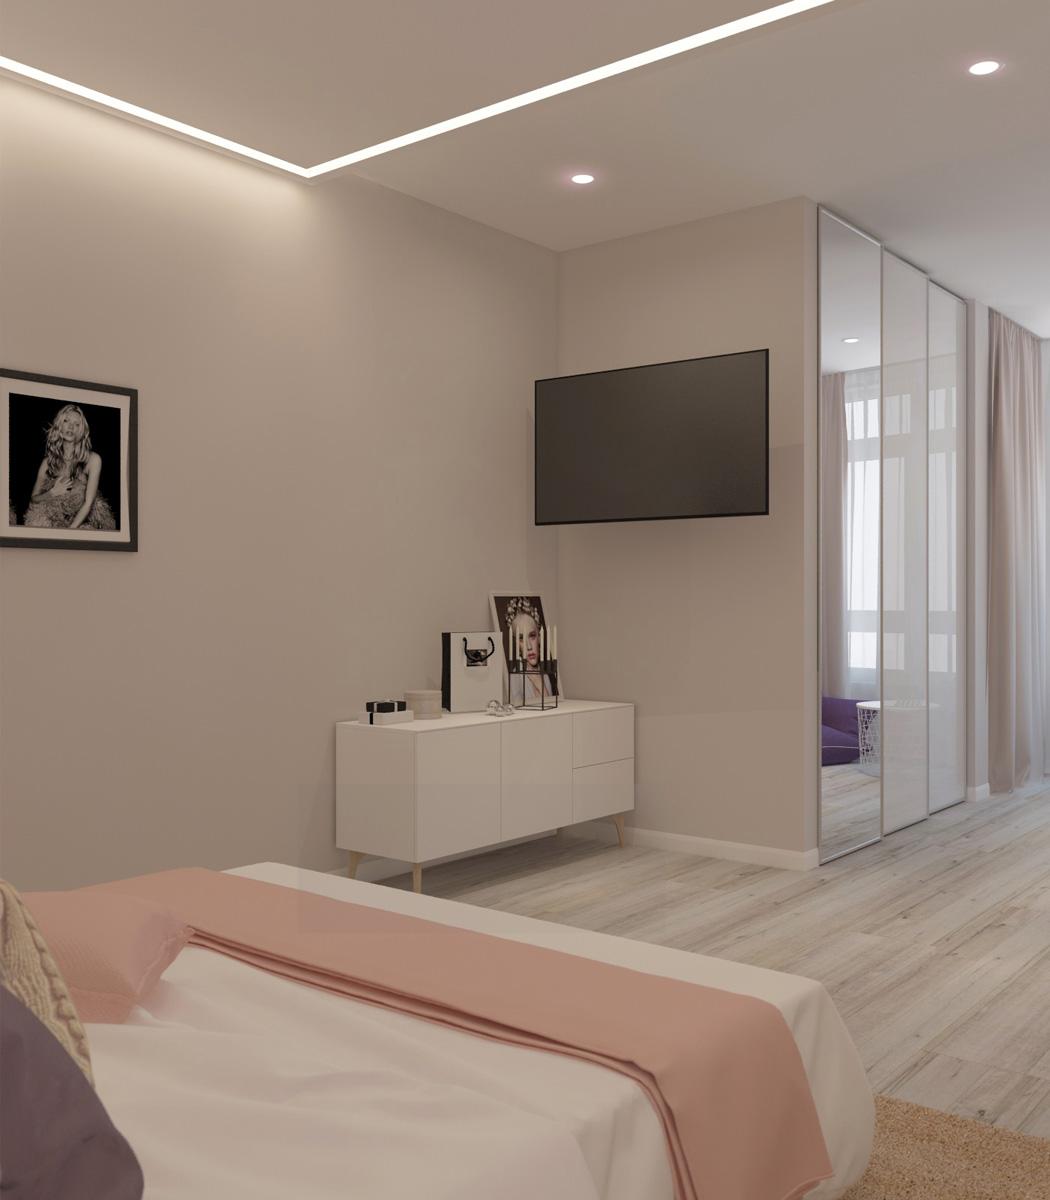 Вид спальні | дизайн-проект ЖК «Олімпійський»